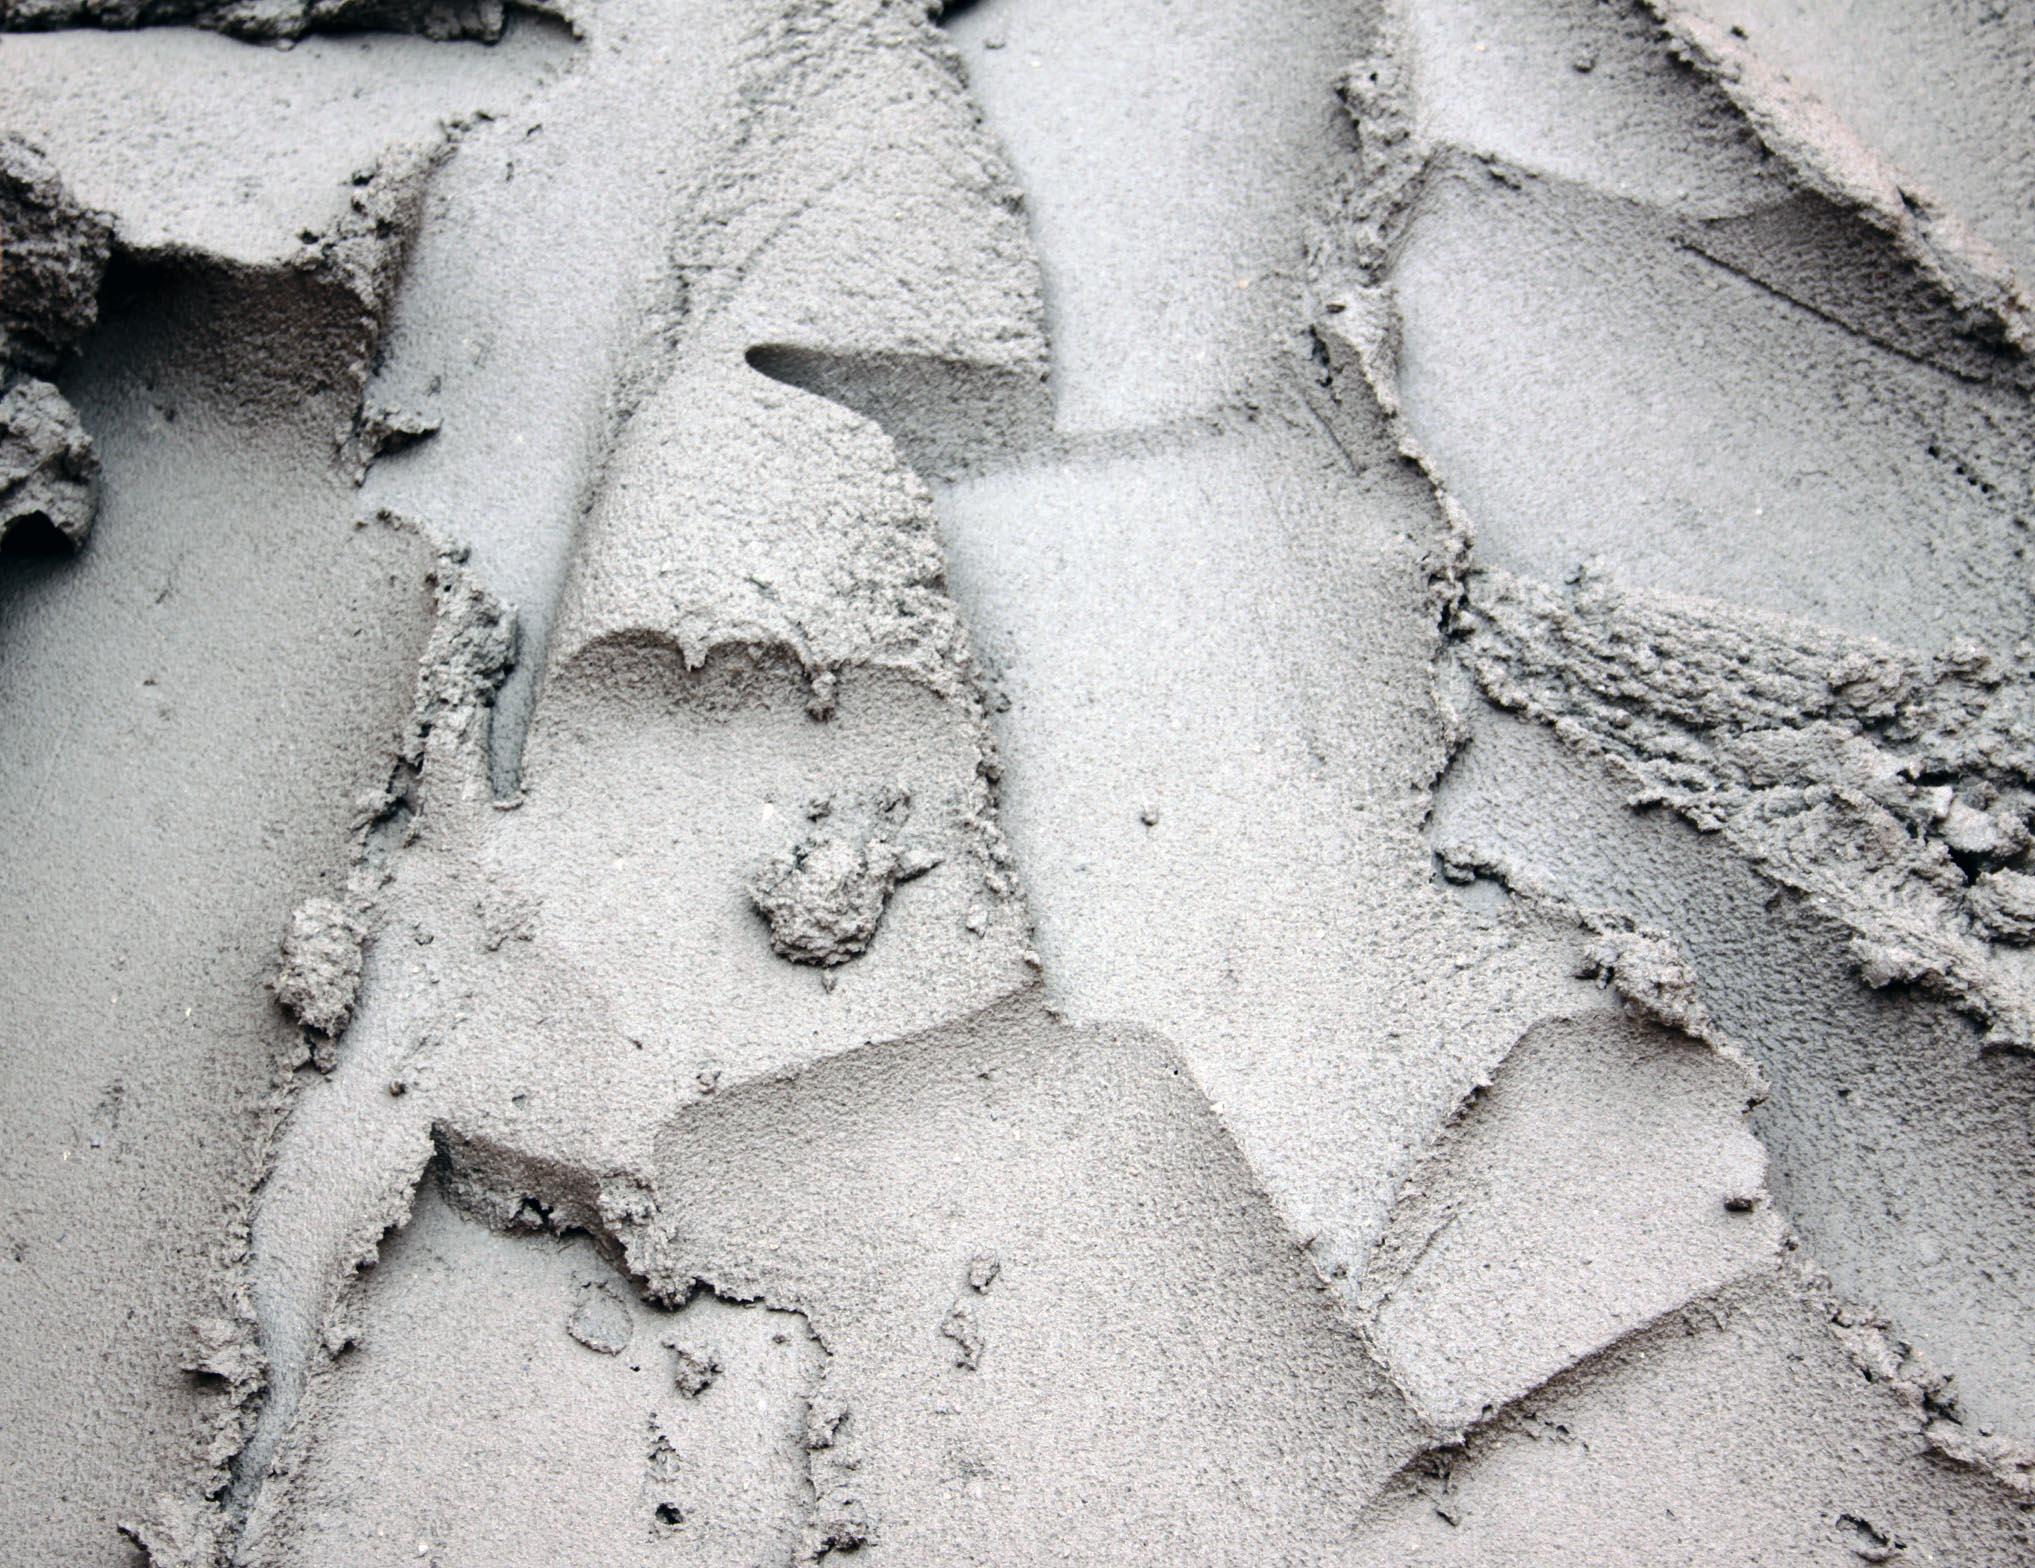 Nas baixas temperaturas, a água contida no concreto pode congelar, interrompendo o processo de endurecimento e provocando um aumento de volume.